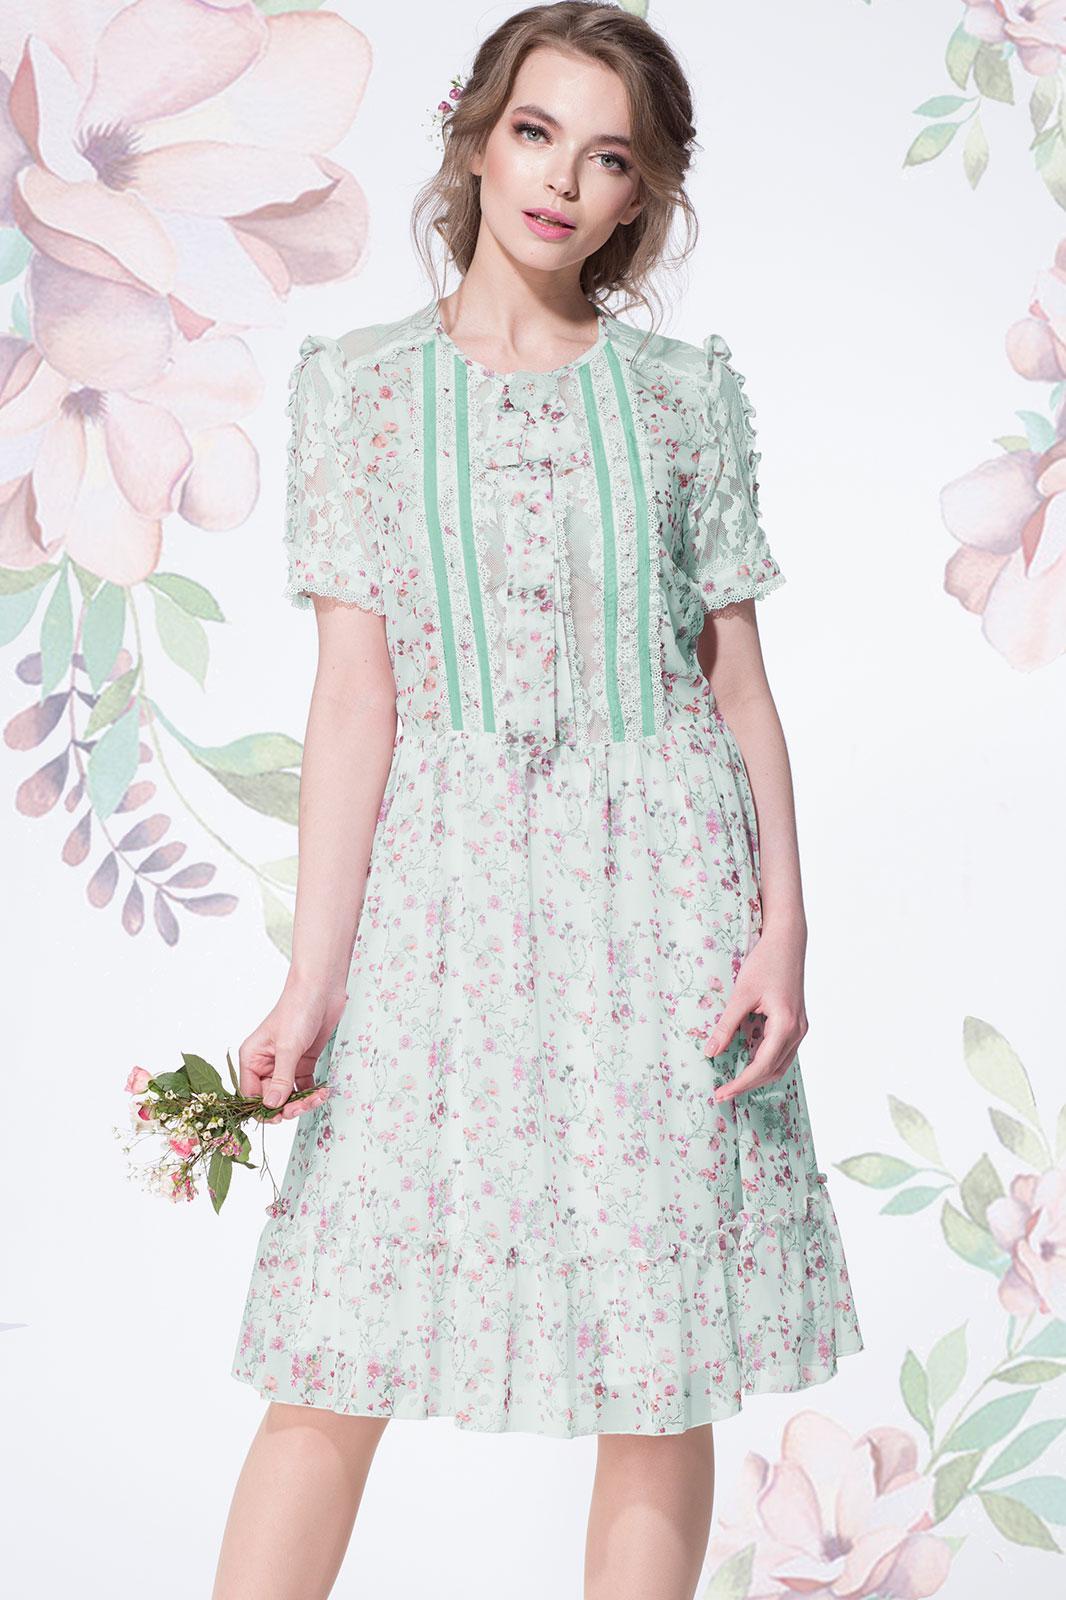 Купить Платье Lenata, 11892 цветочки на мятном фоне, Беларусь